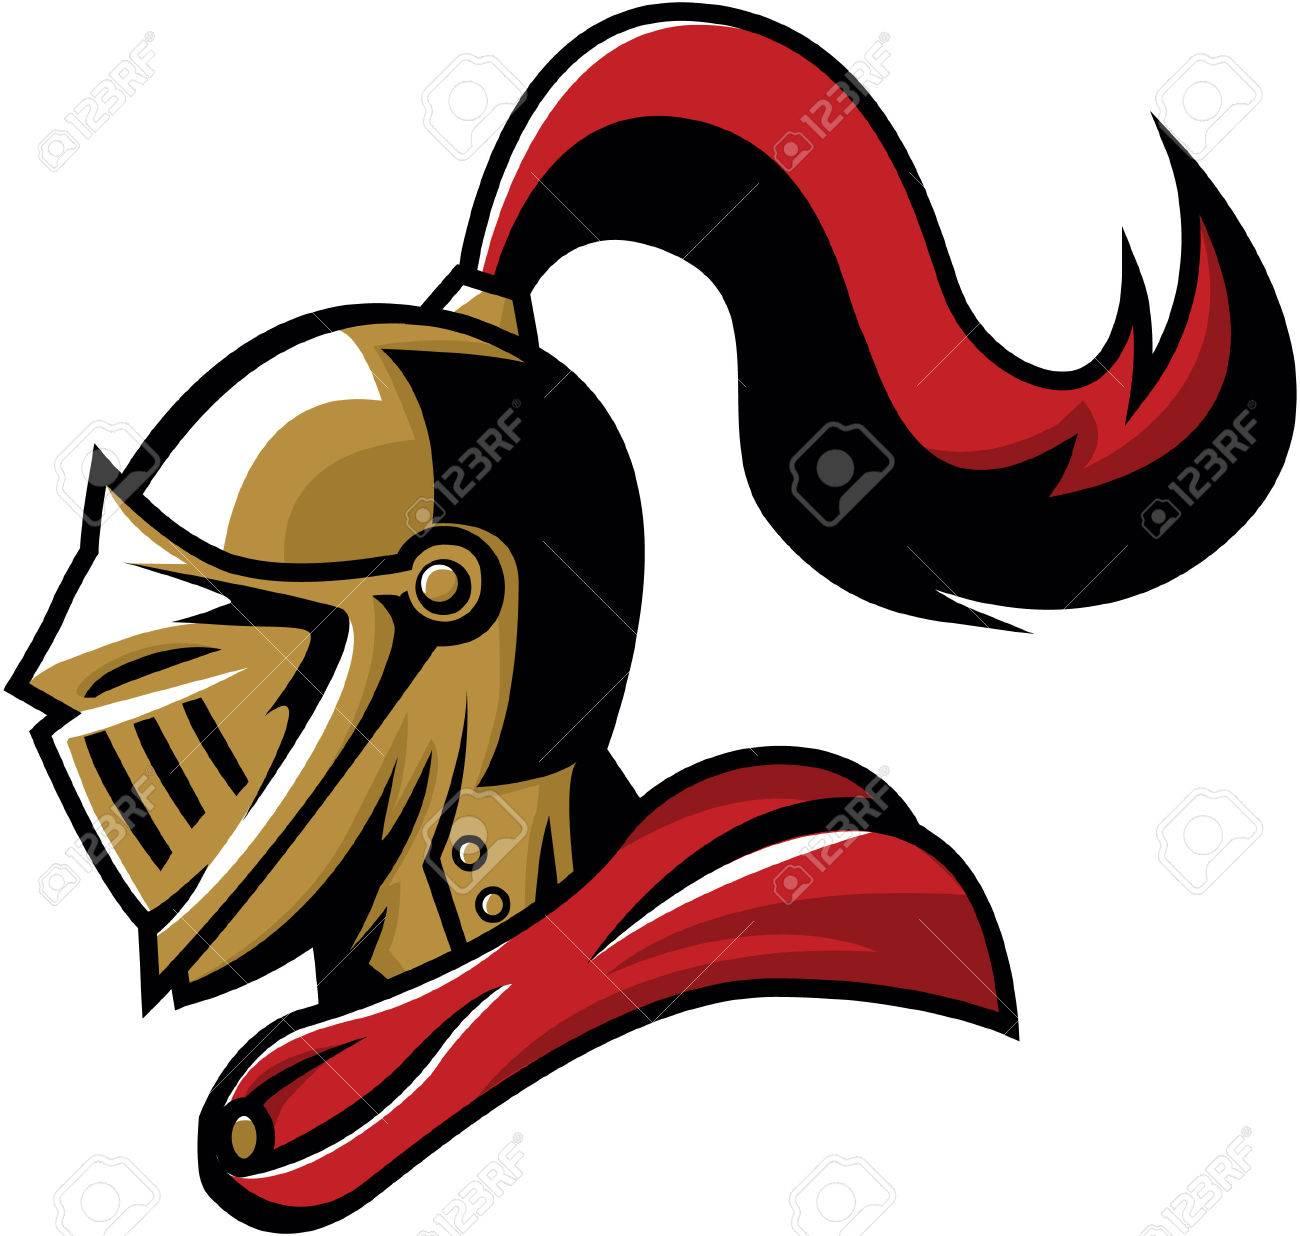 Knights design vector illustration - 56559195